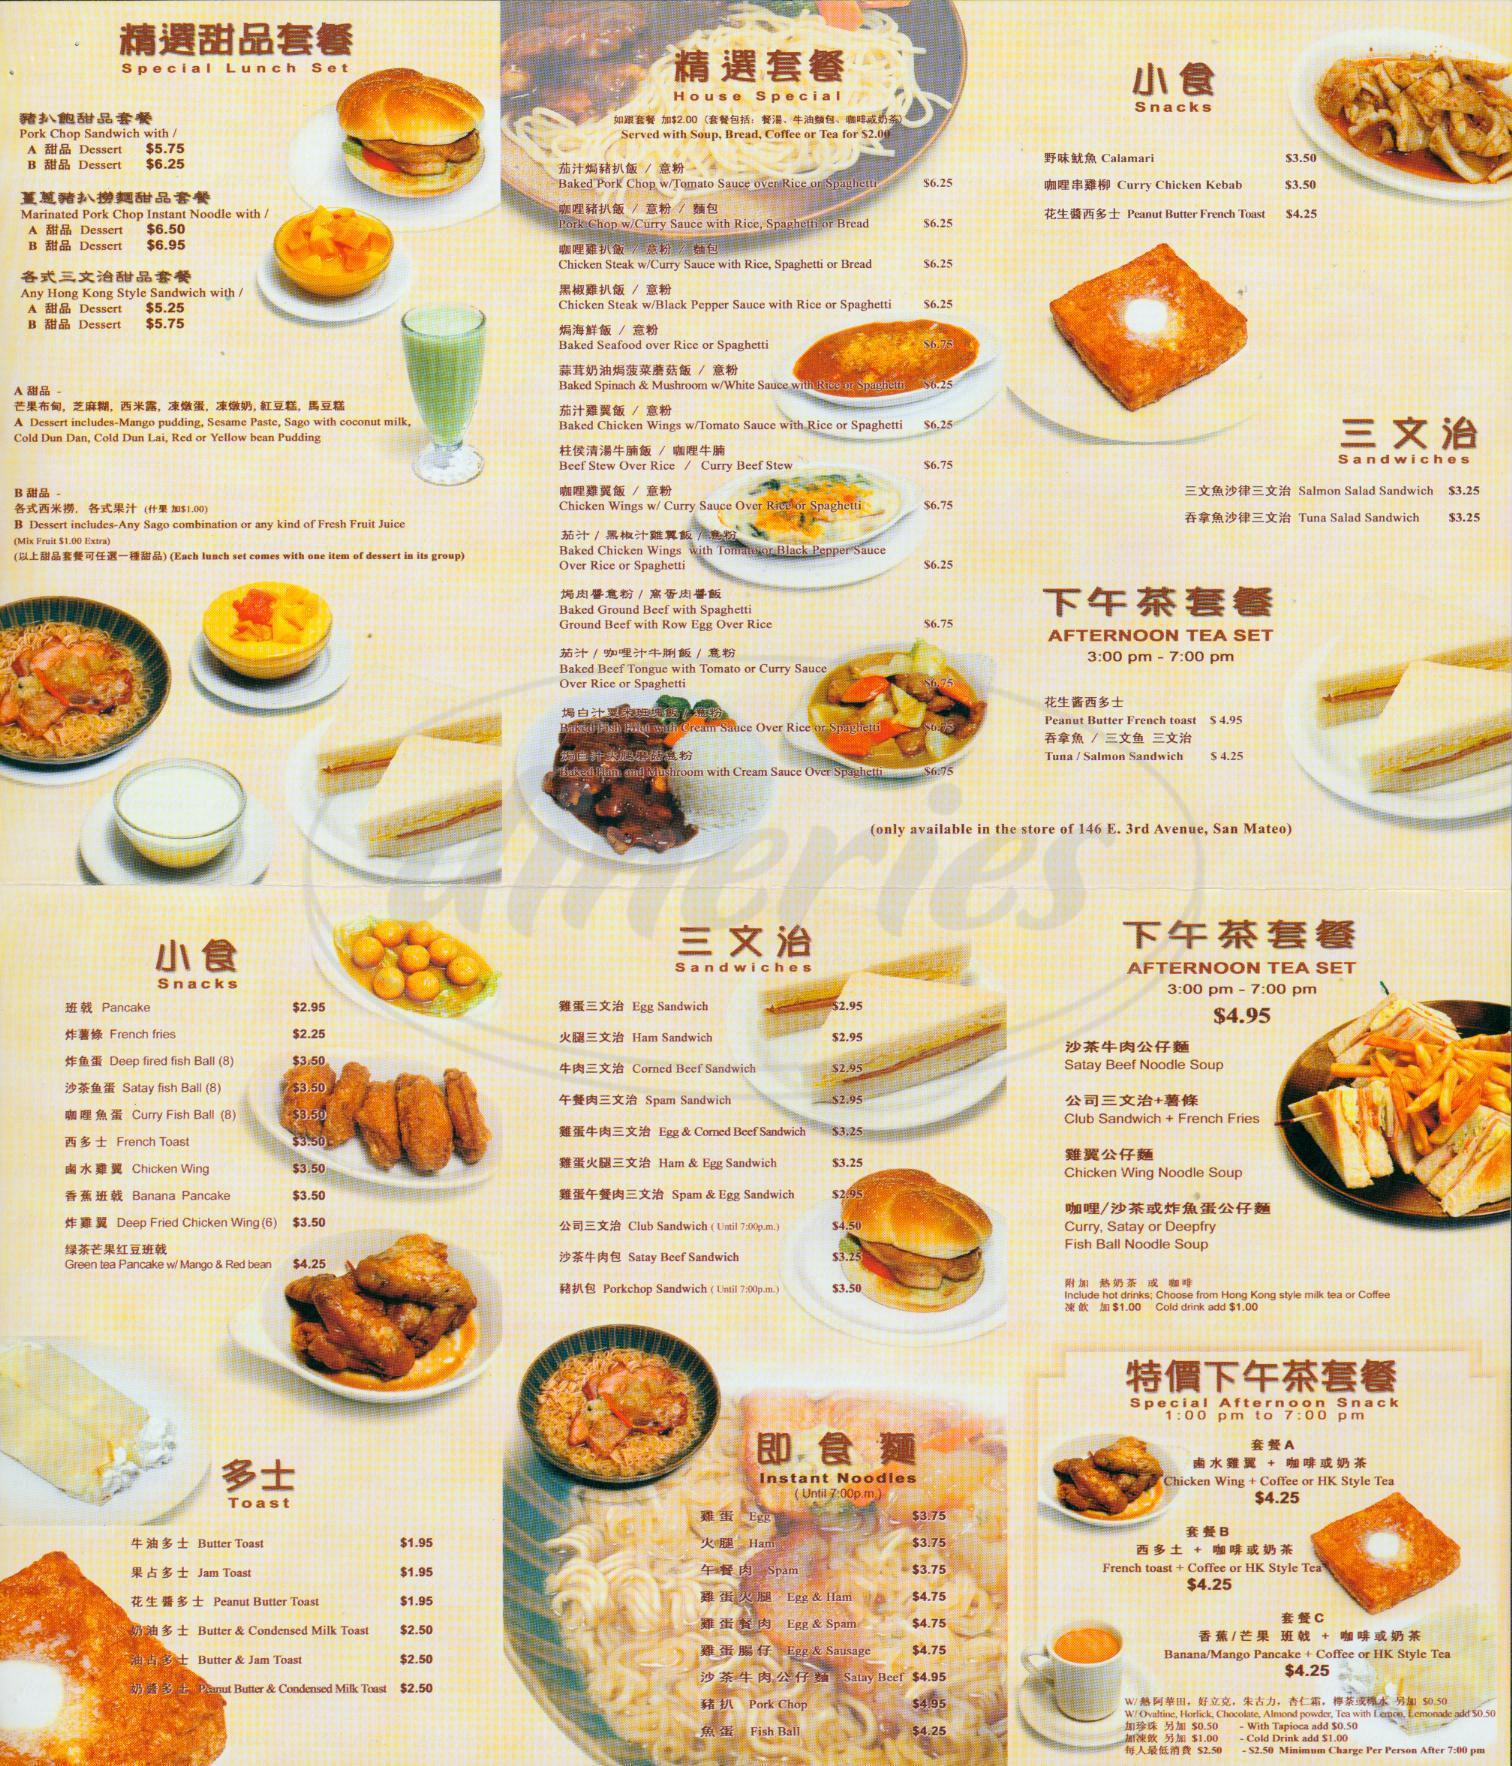 menu for Golden Island Café